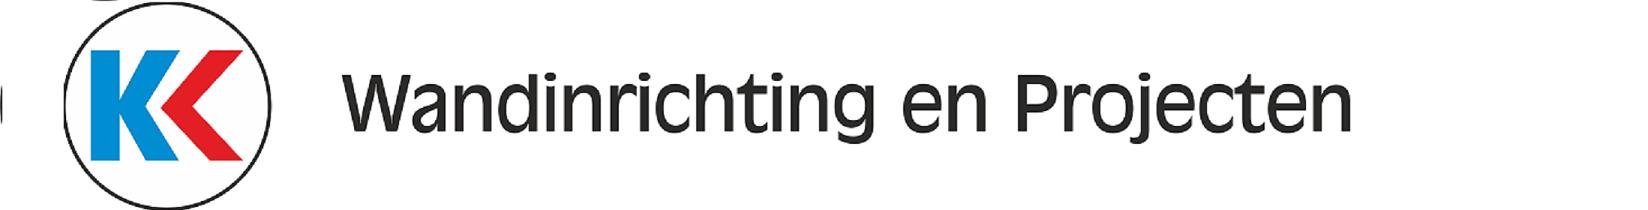 Hanging Concepts wandinrichting en projectadvies